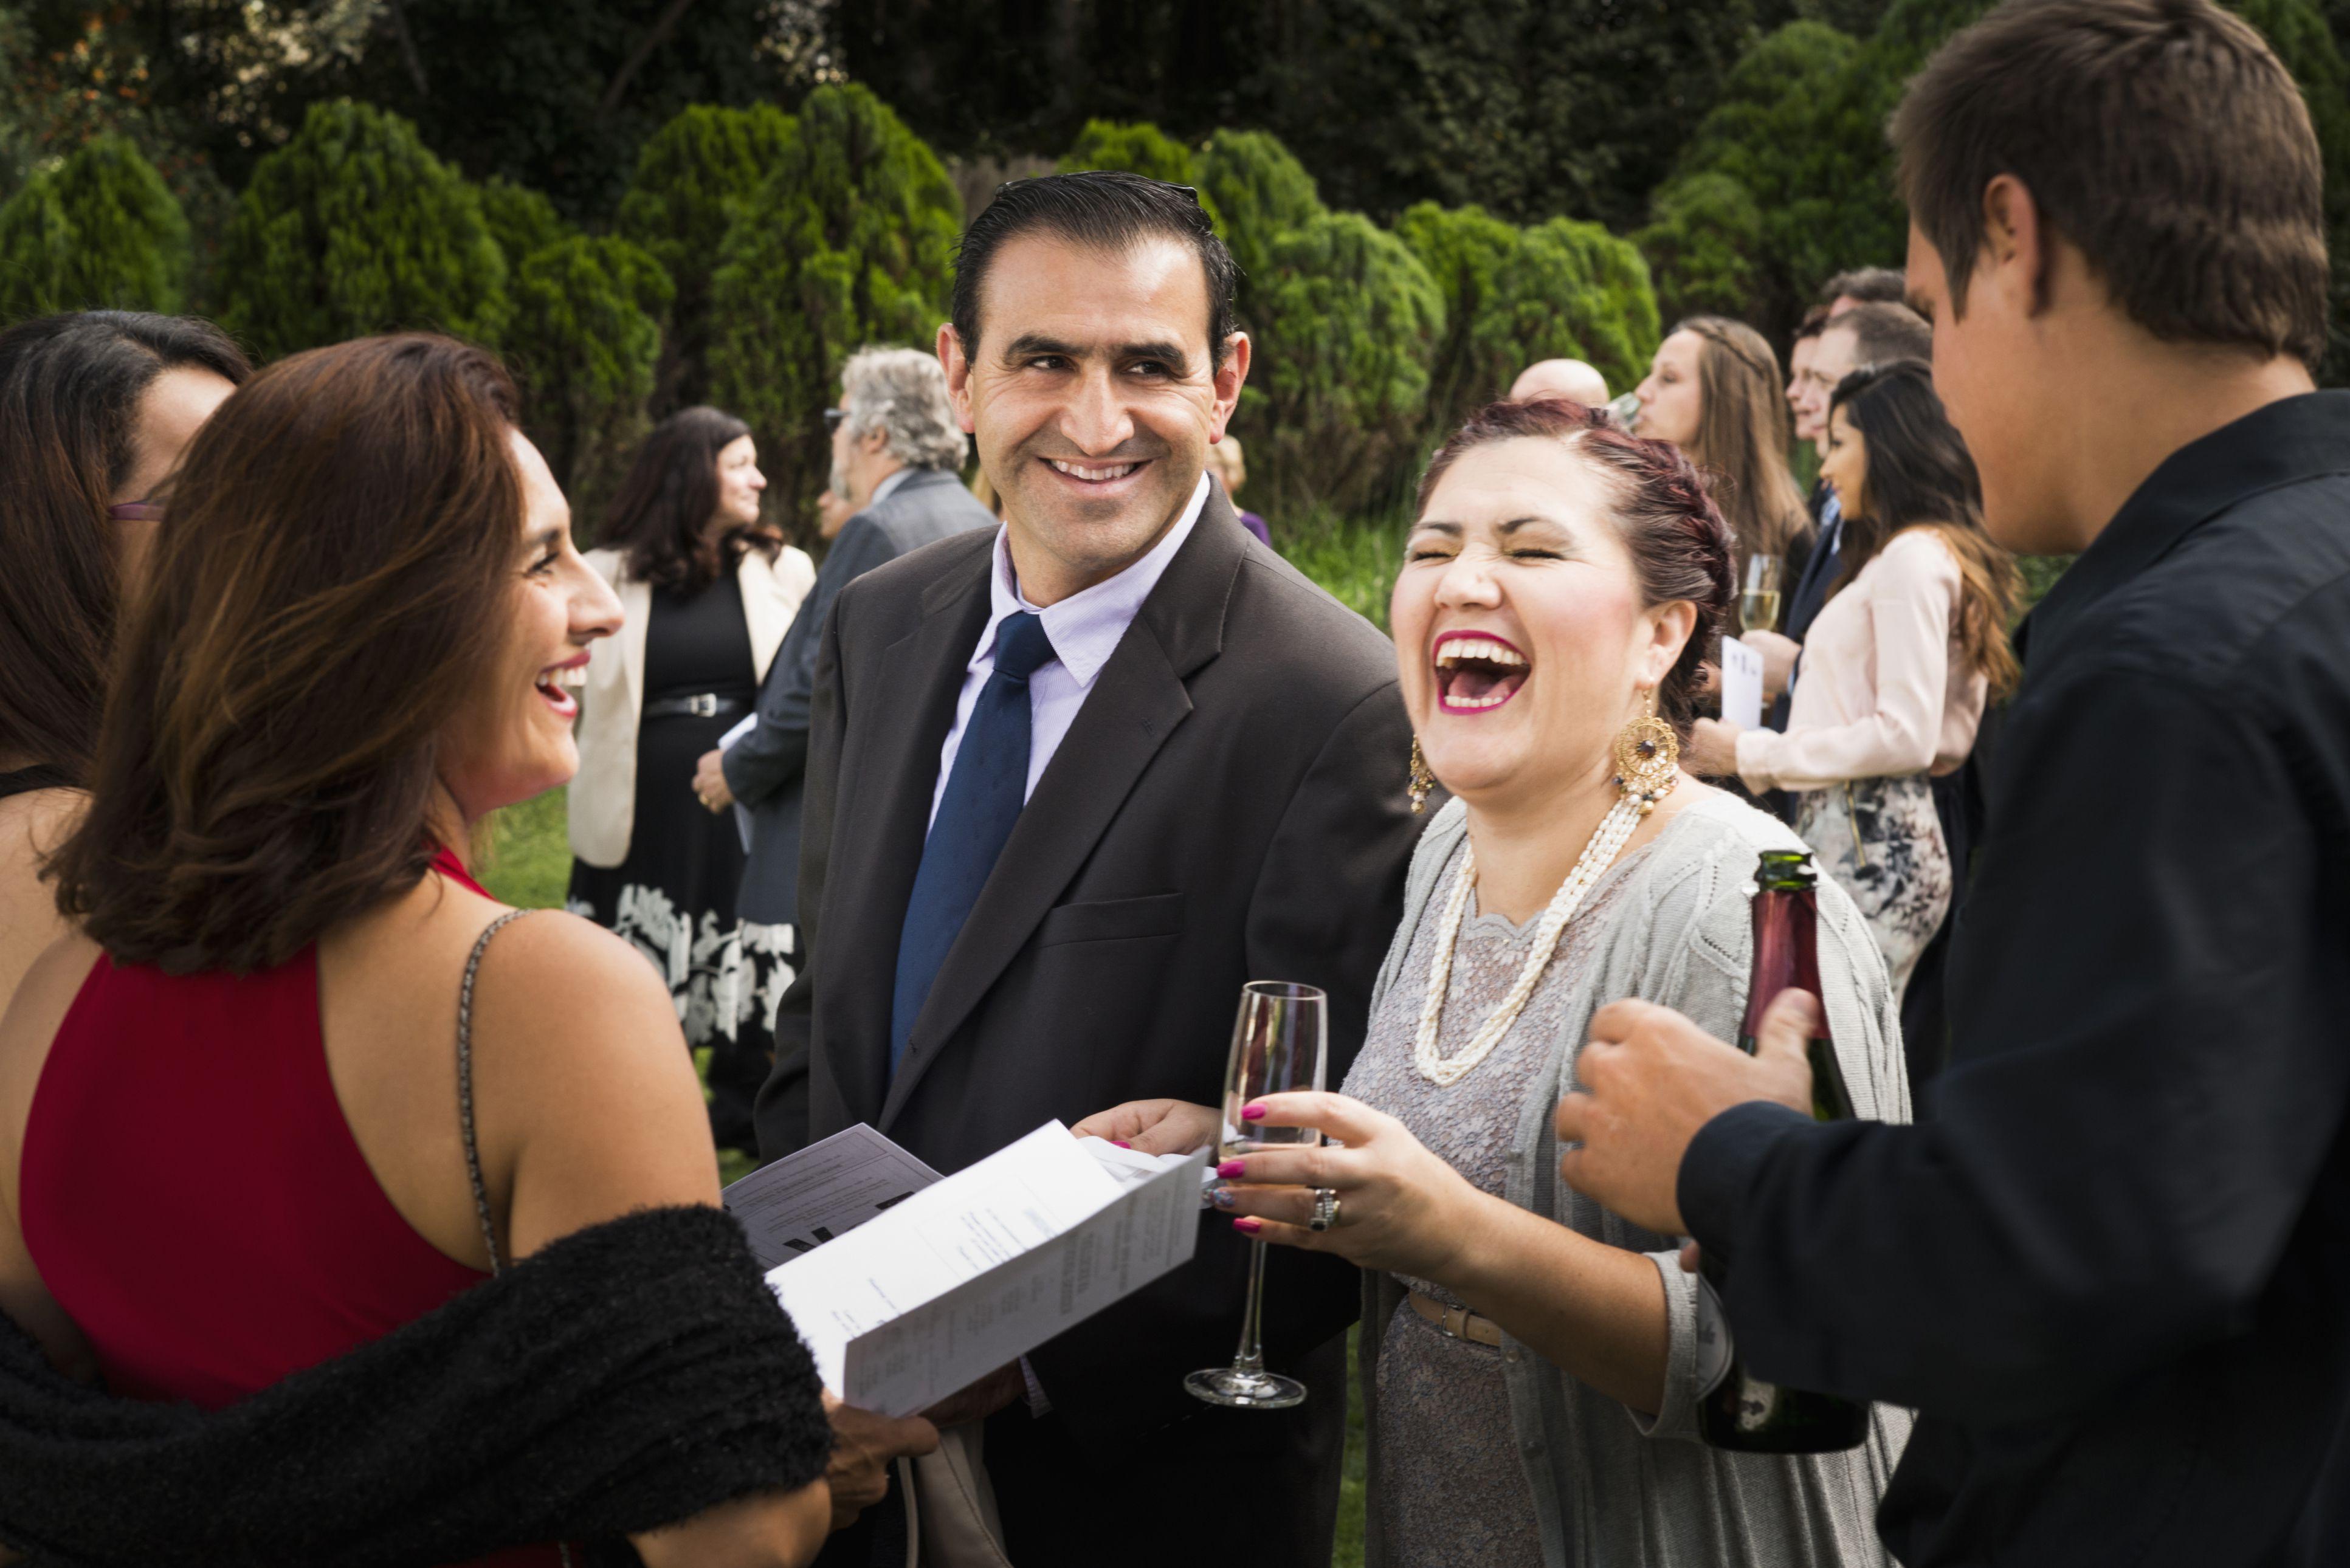 Madrinas And Padrinos The Wedding Sponsors